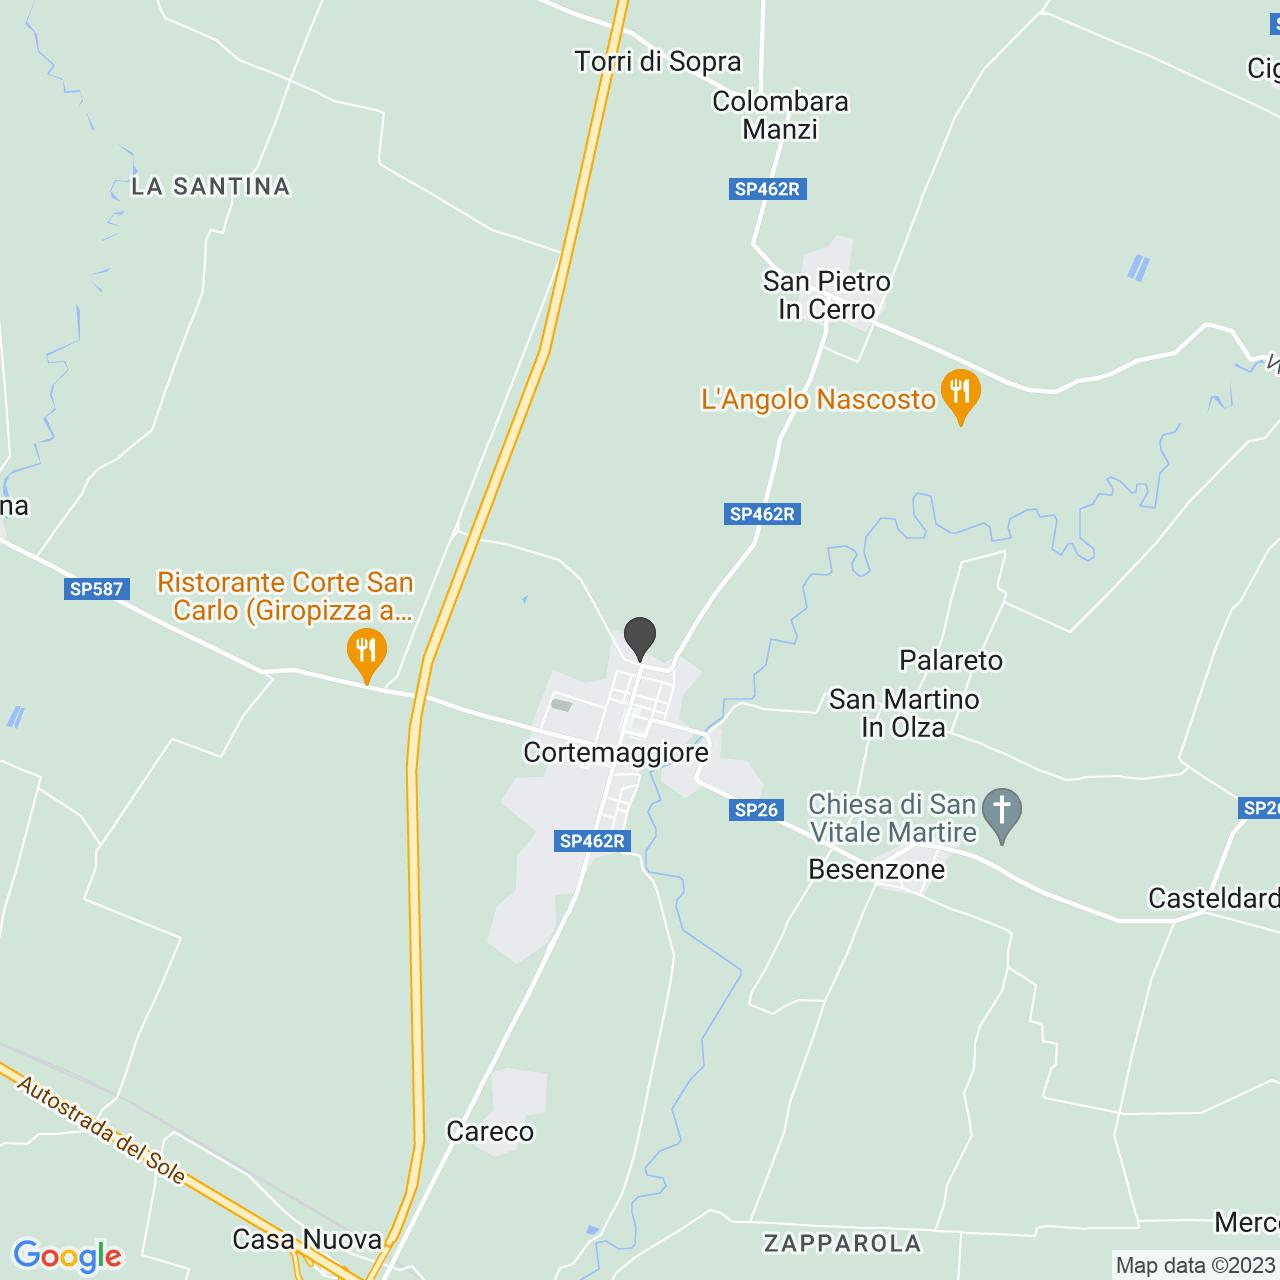 CIMITERO CORTEMAGGIORE